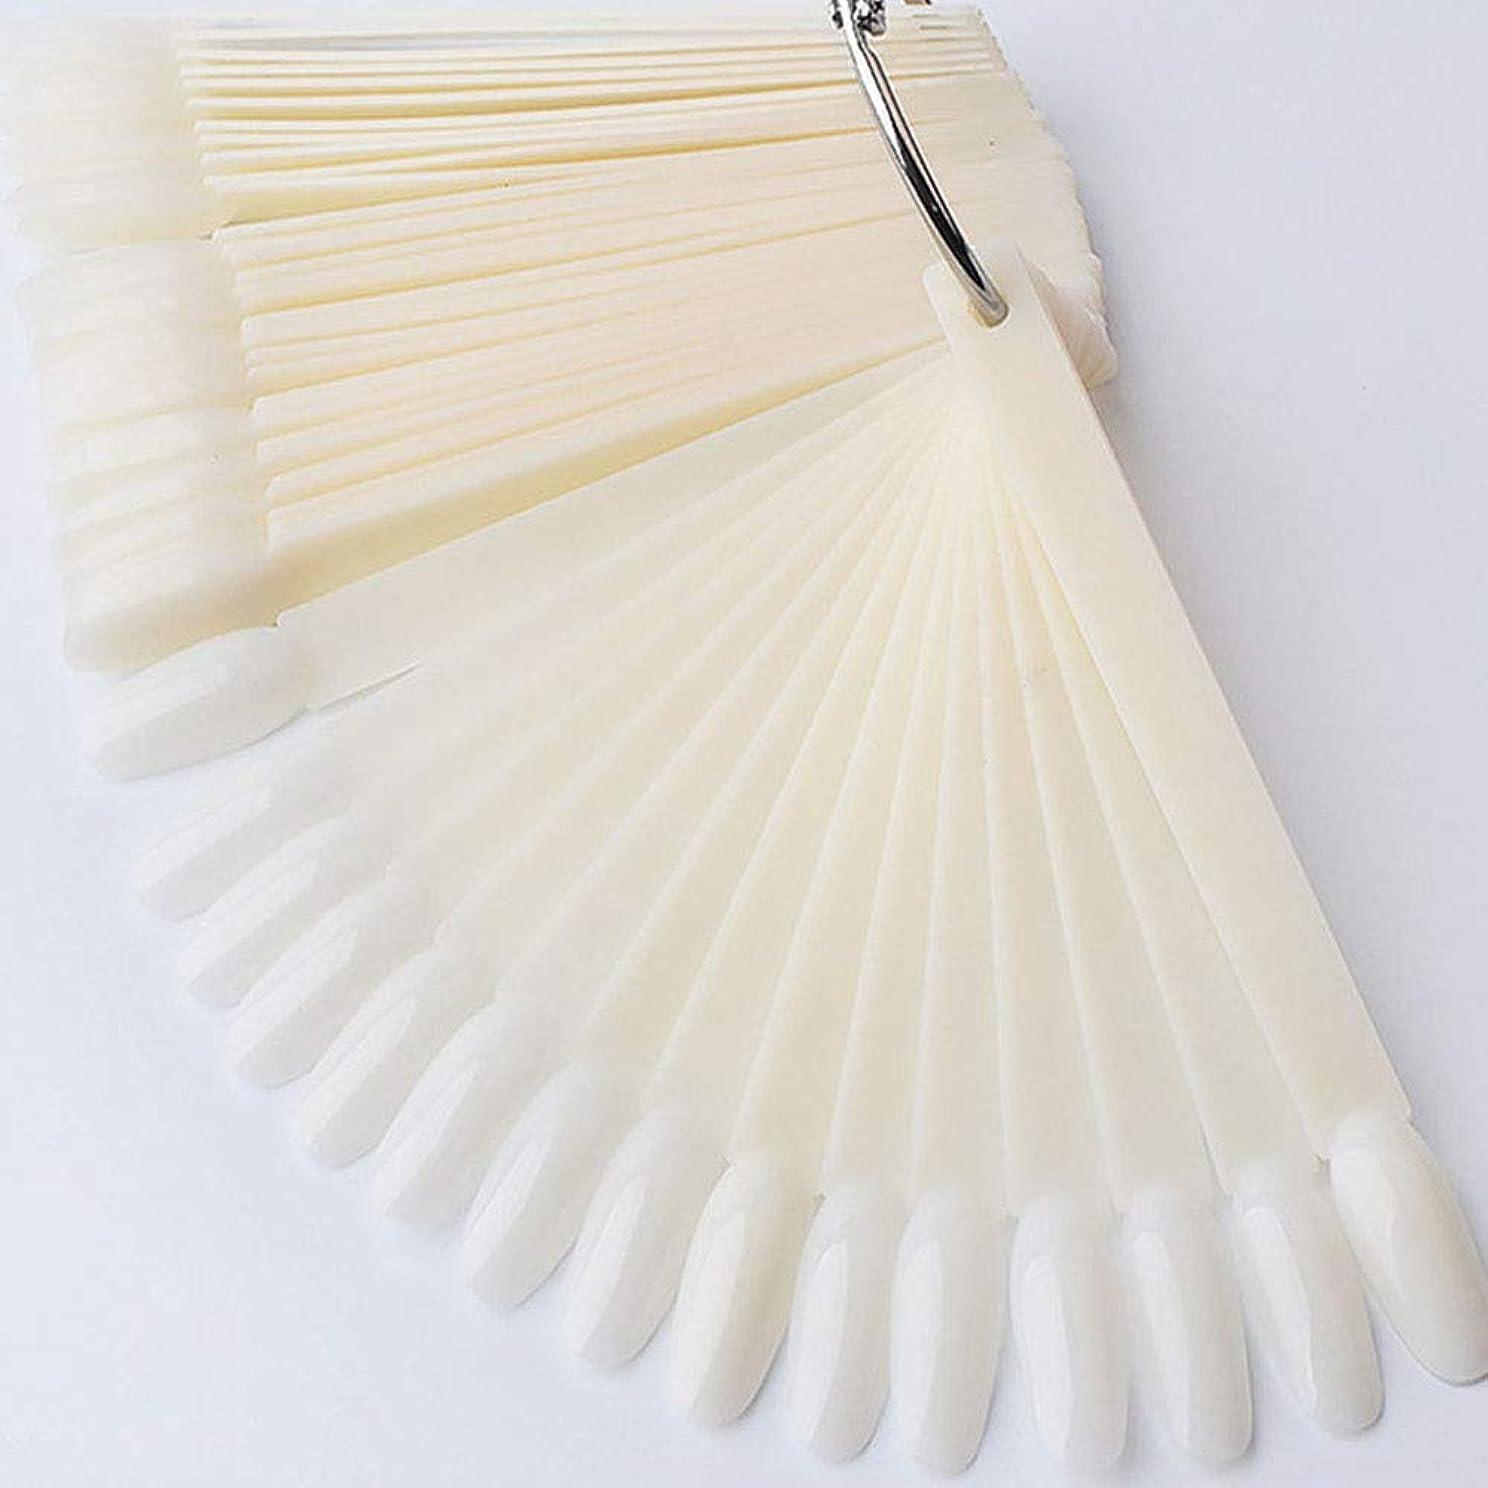 ペニー酸化物地区ネイルチップ スティック ネイル用品 練習用 50枚 (アイボリー)